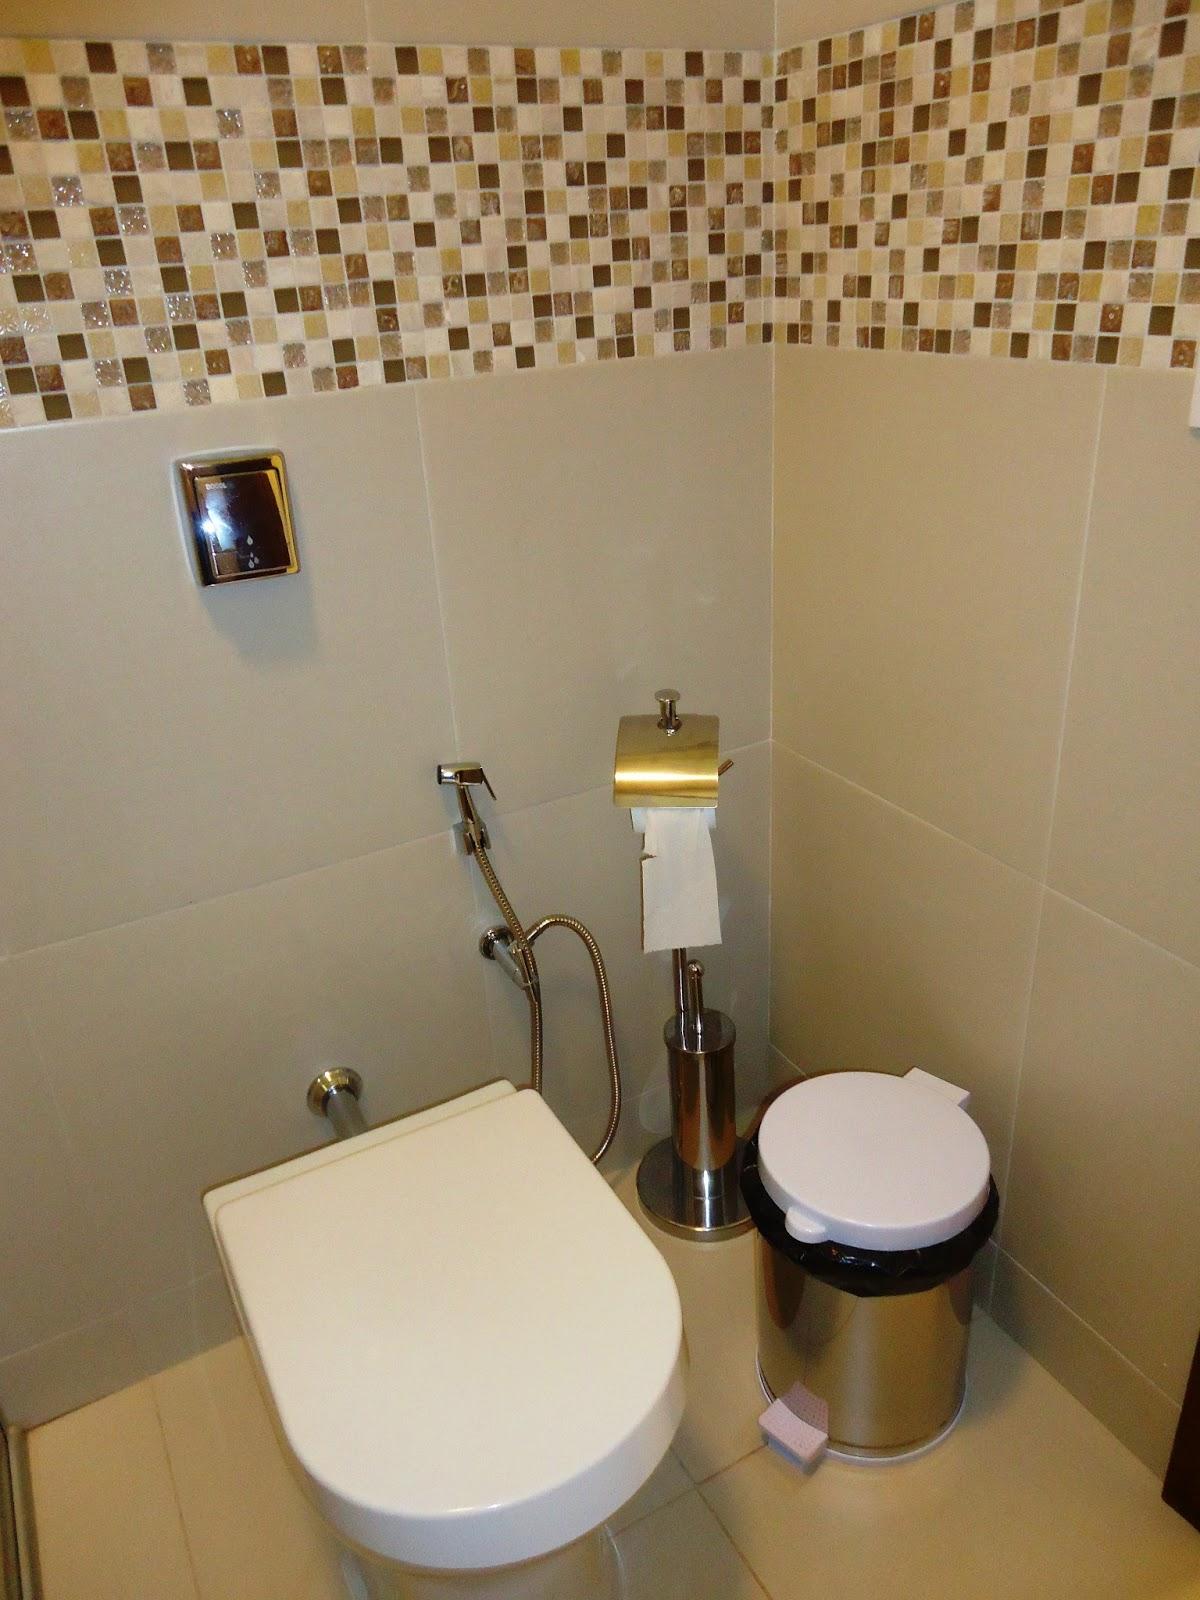 imagens sobre banheiro no Pinterest Banheiros Quartos e Madeira #664924 1200 1600